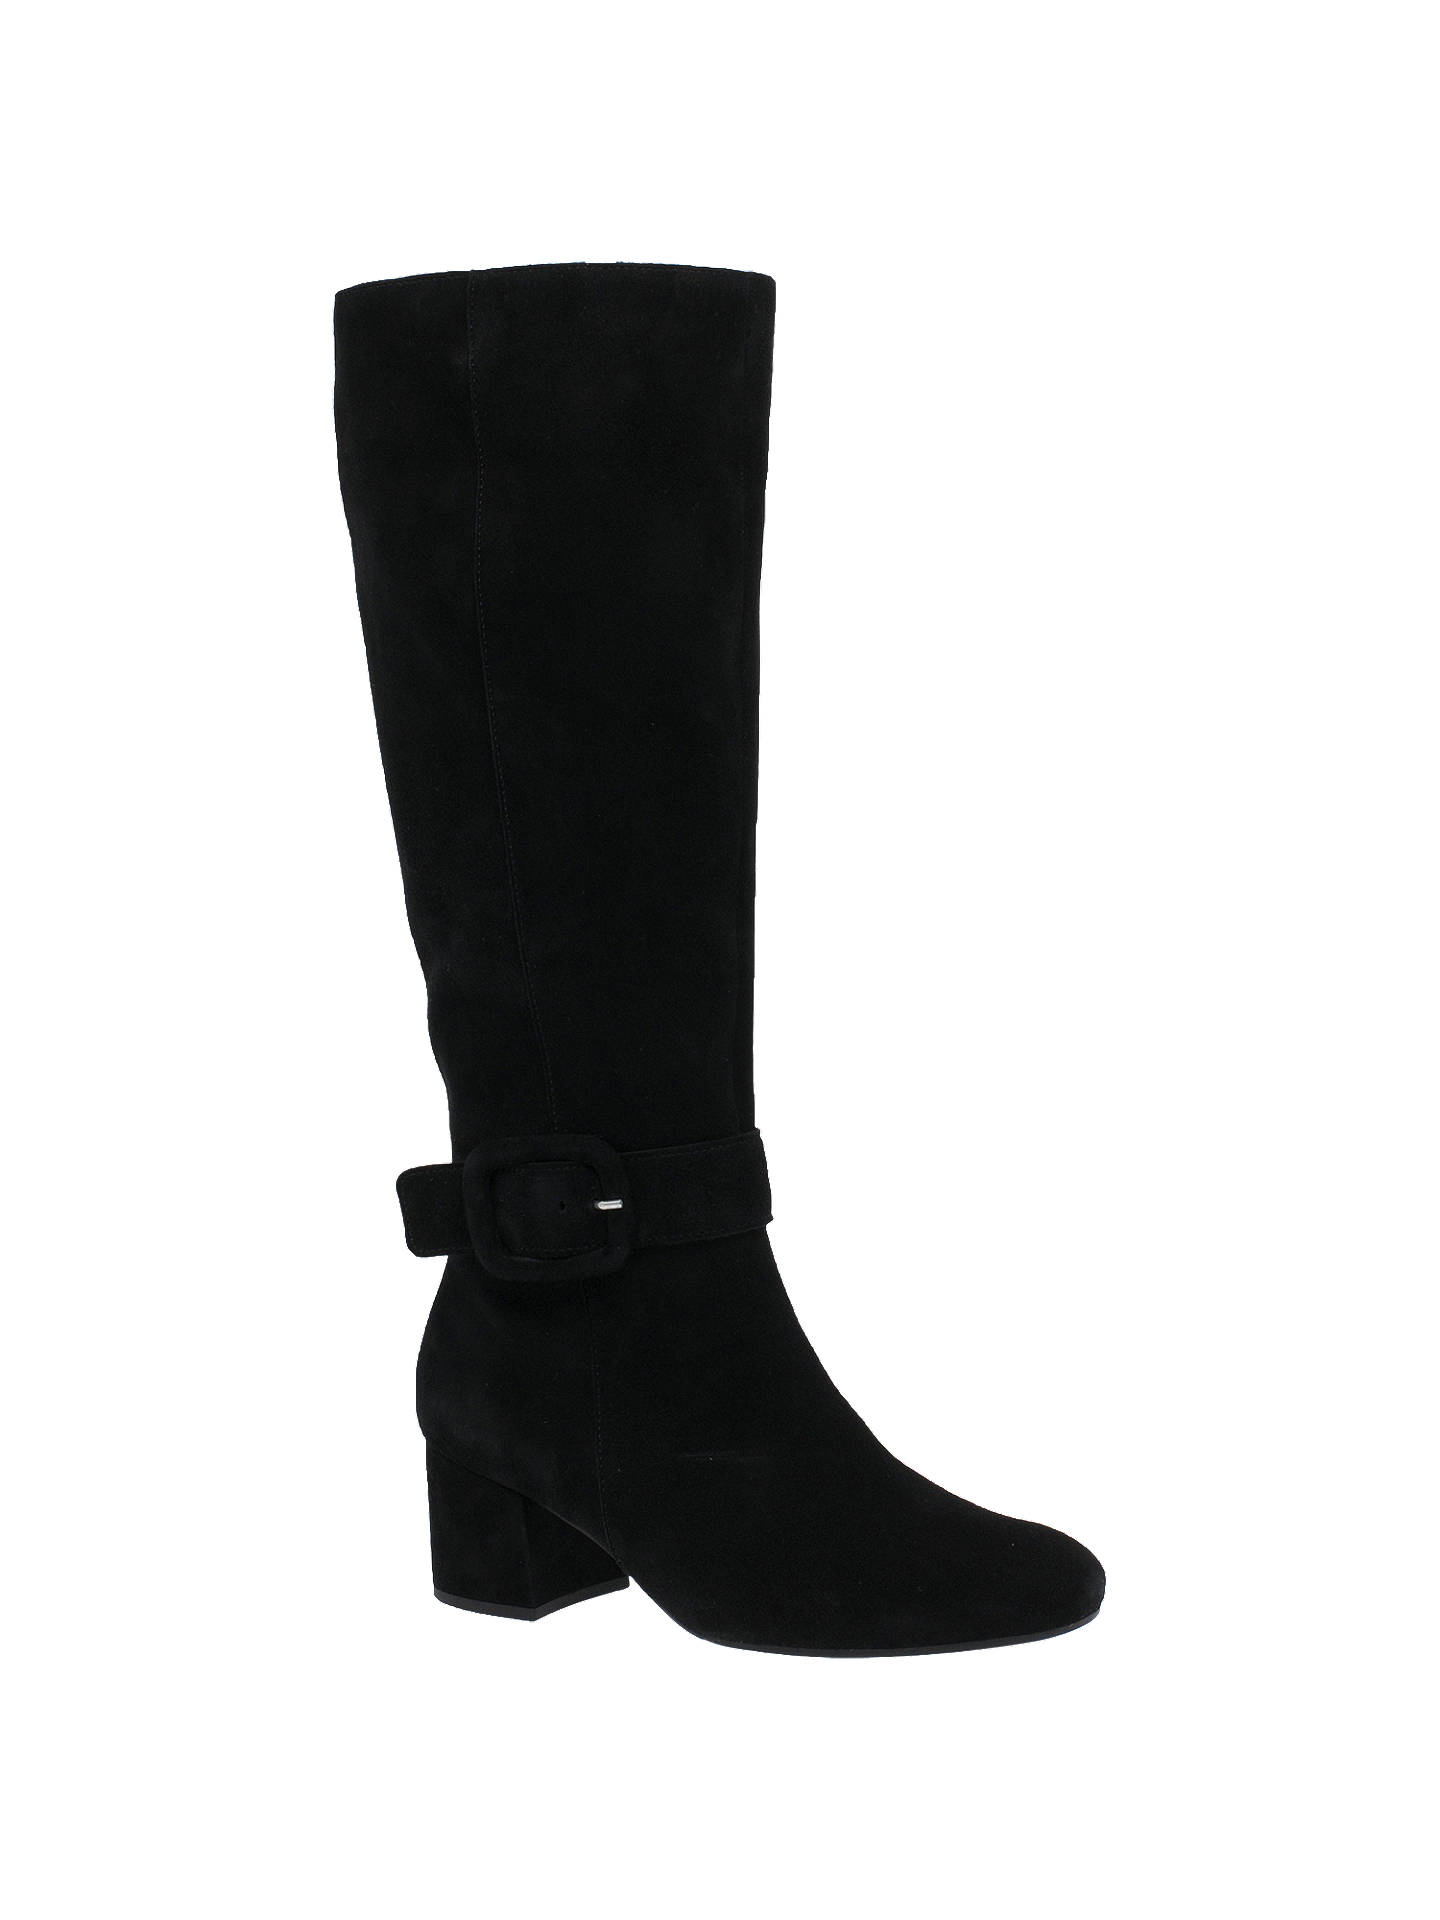 8b9733aa1f8 Buy Gabor Carnation Block Heel Knee High Boots